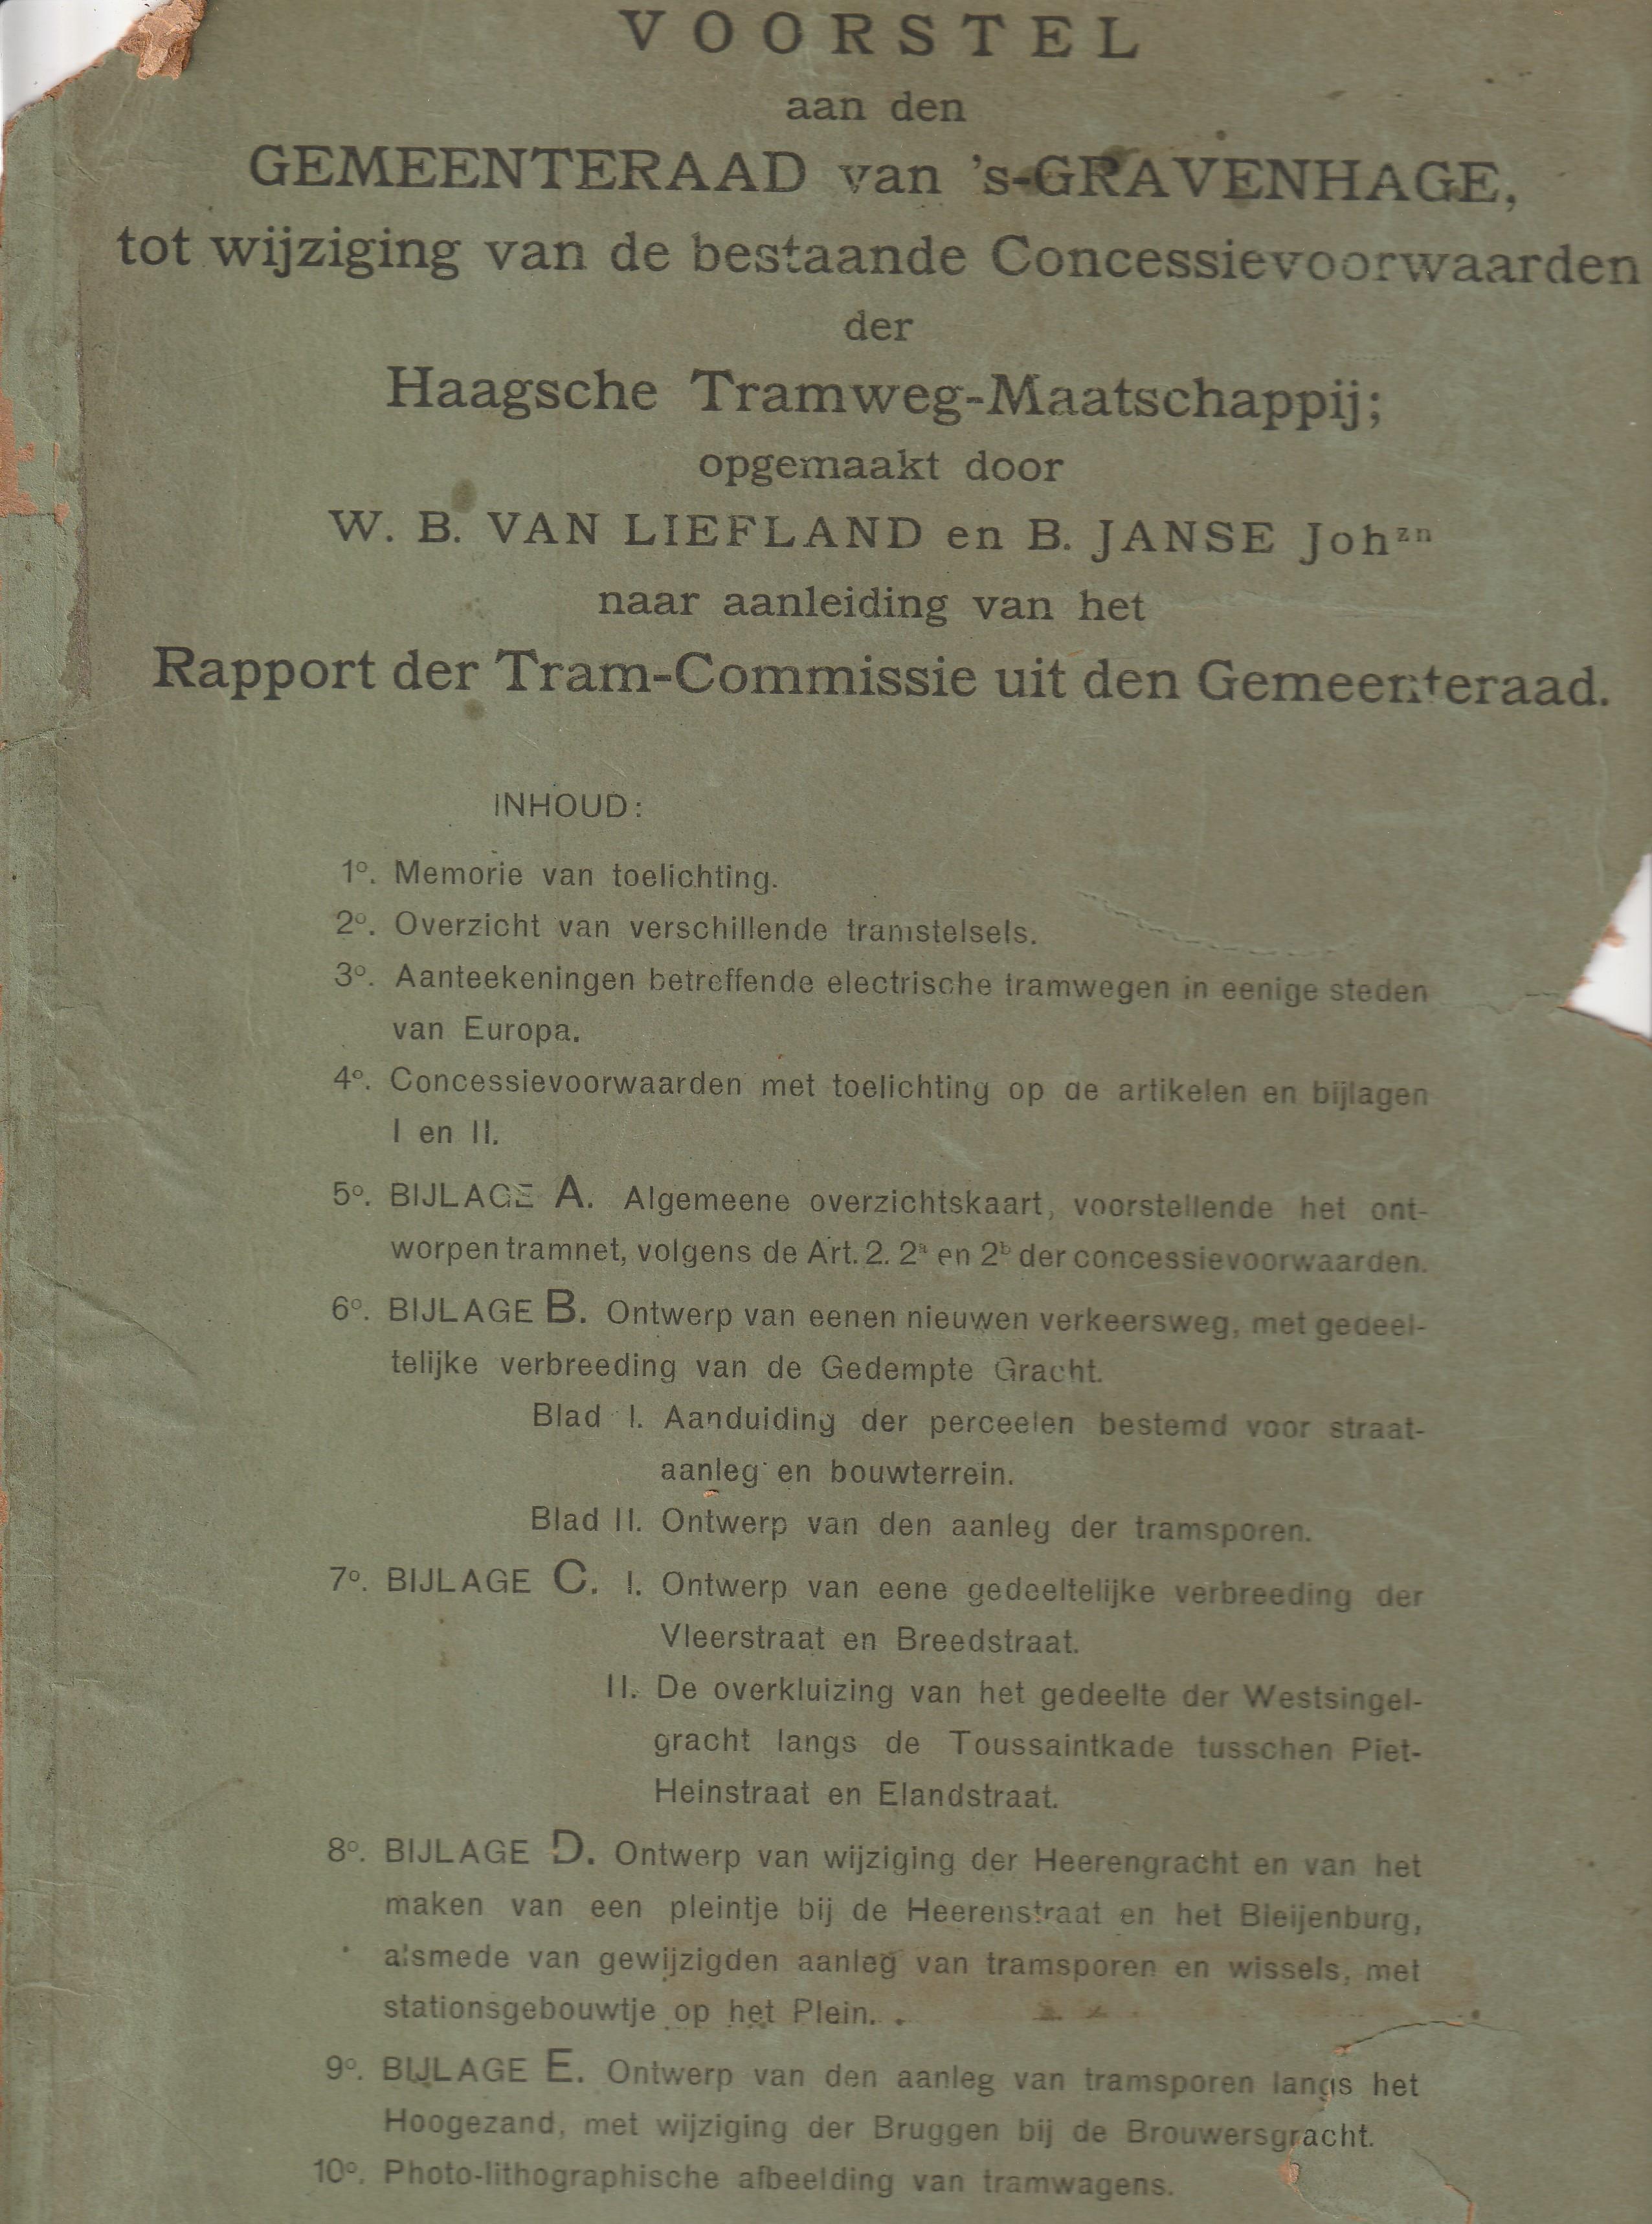 Voorstel aan den Gemeenteraad van 's-Gravenhage tot wijziging van de bestaande Concessievoorwaarden der Haagsche Tramweg-Maatschappij.